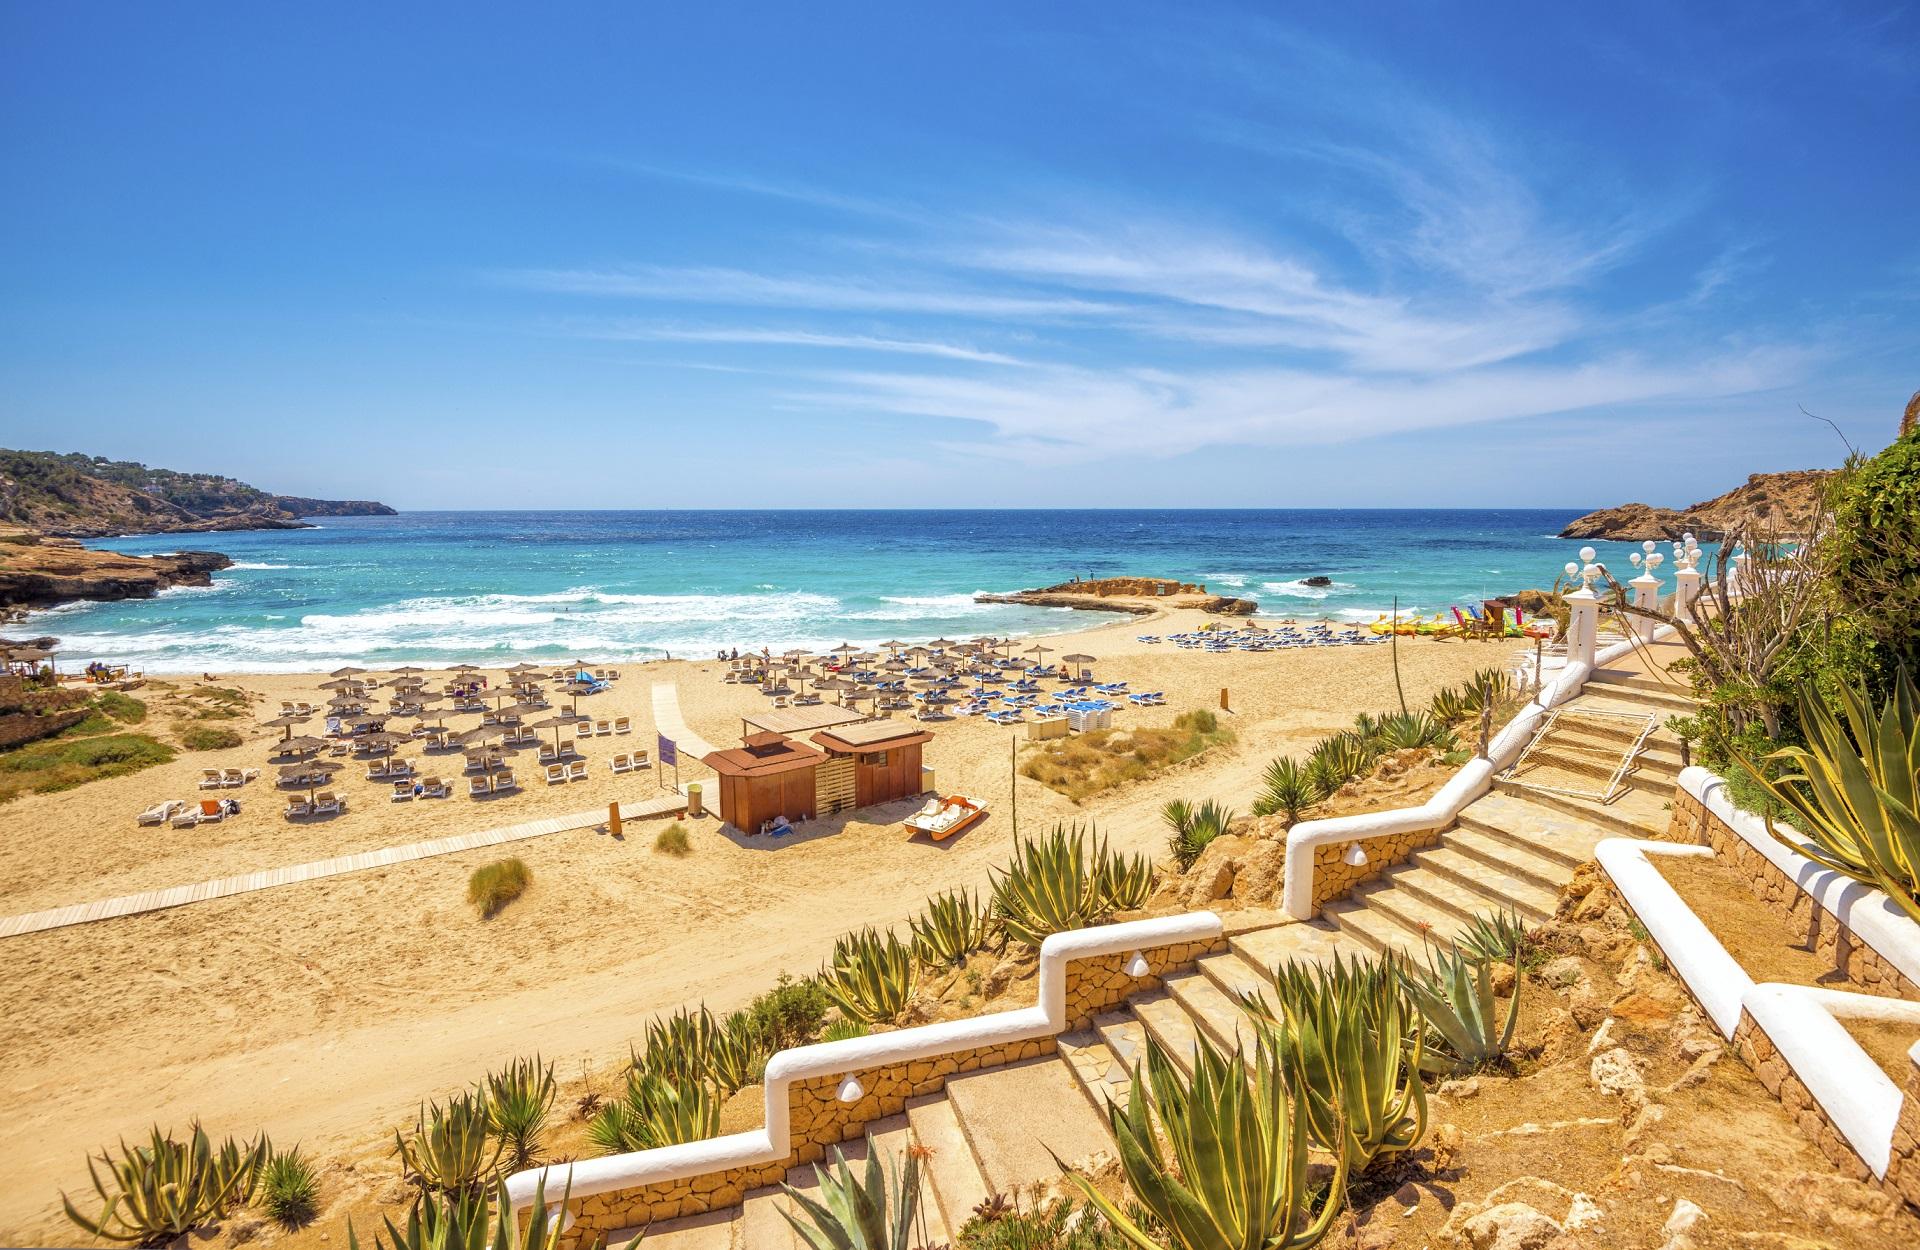 Ein Strand auf der Baleareninsel Ibiza